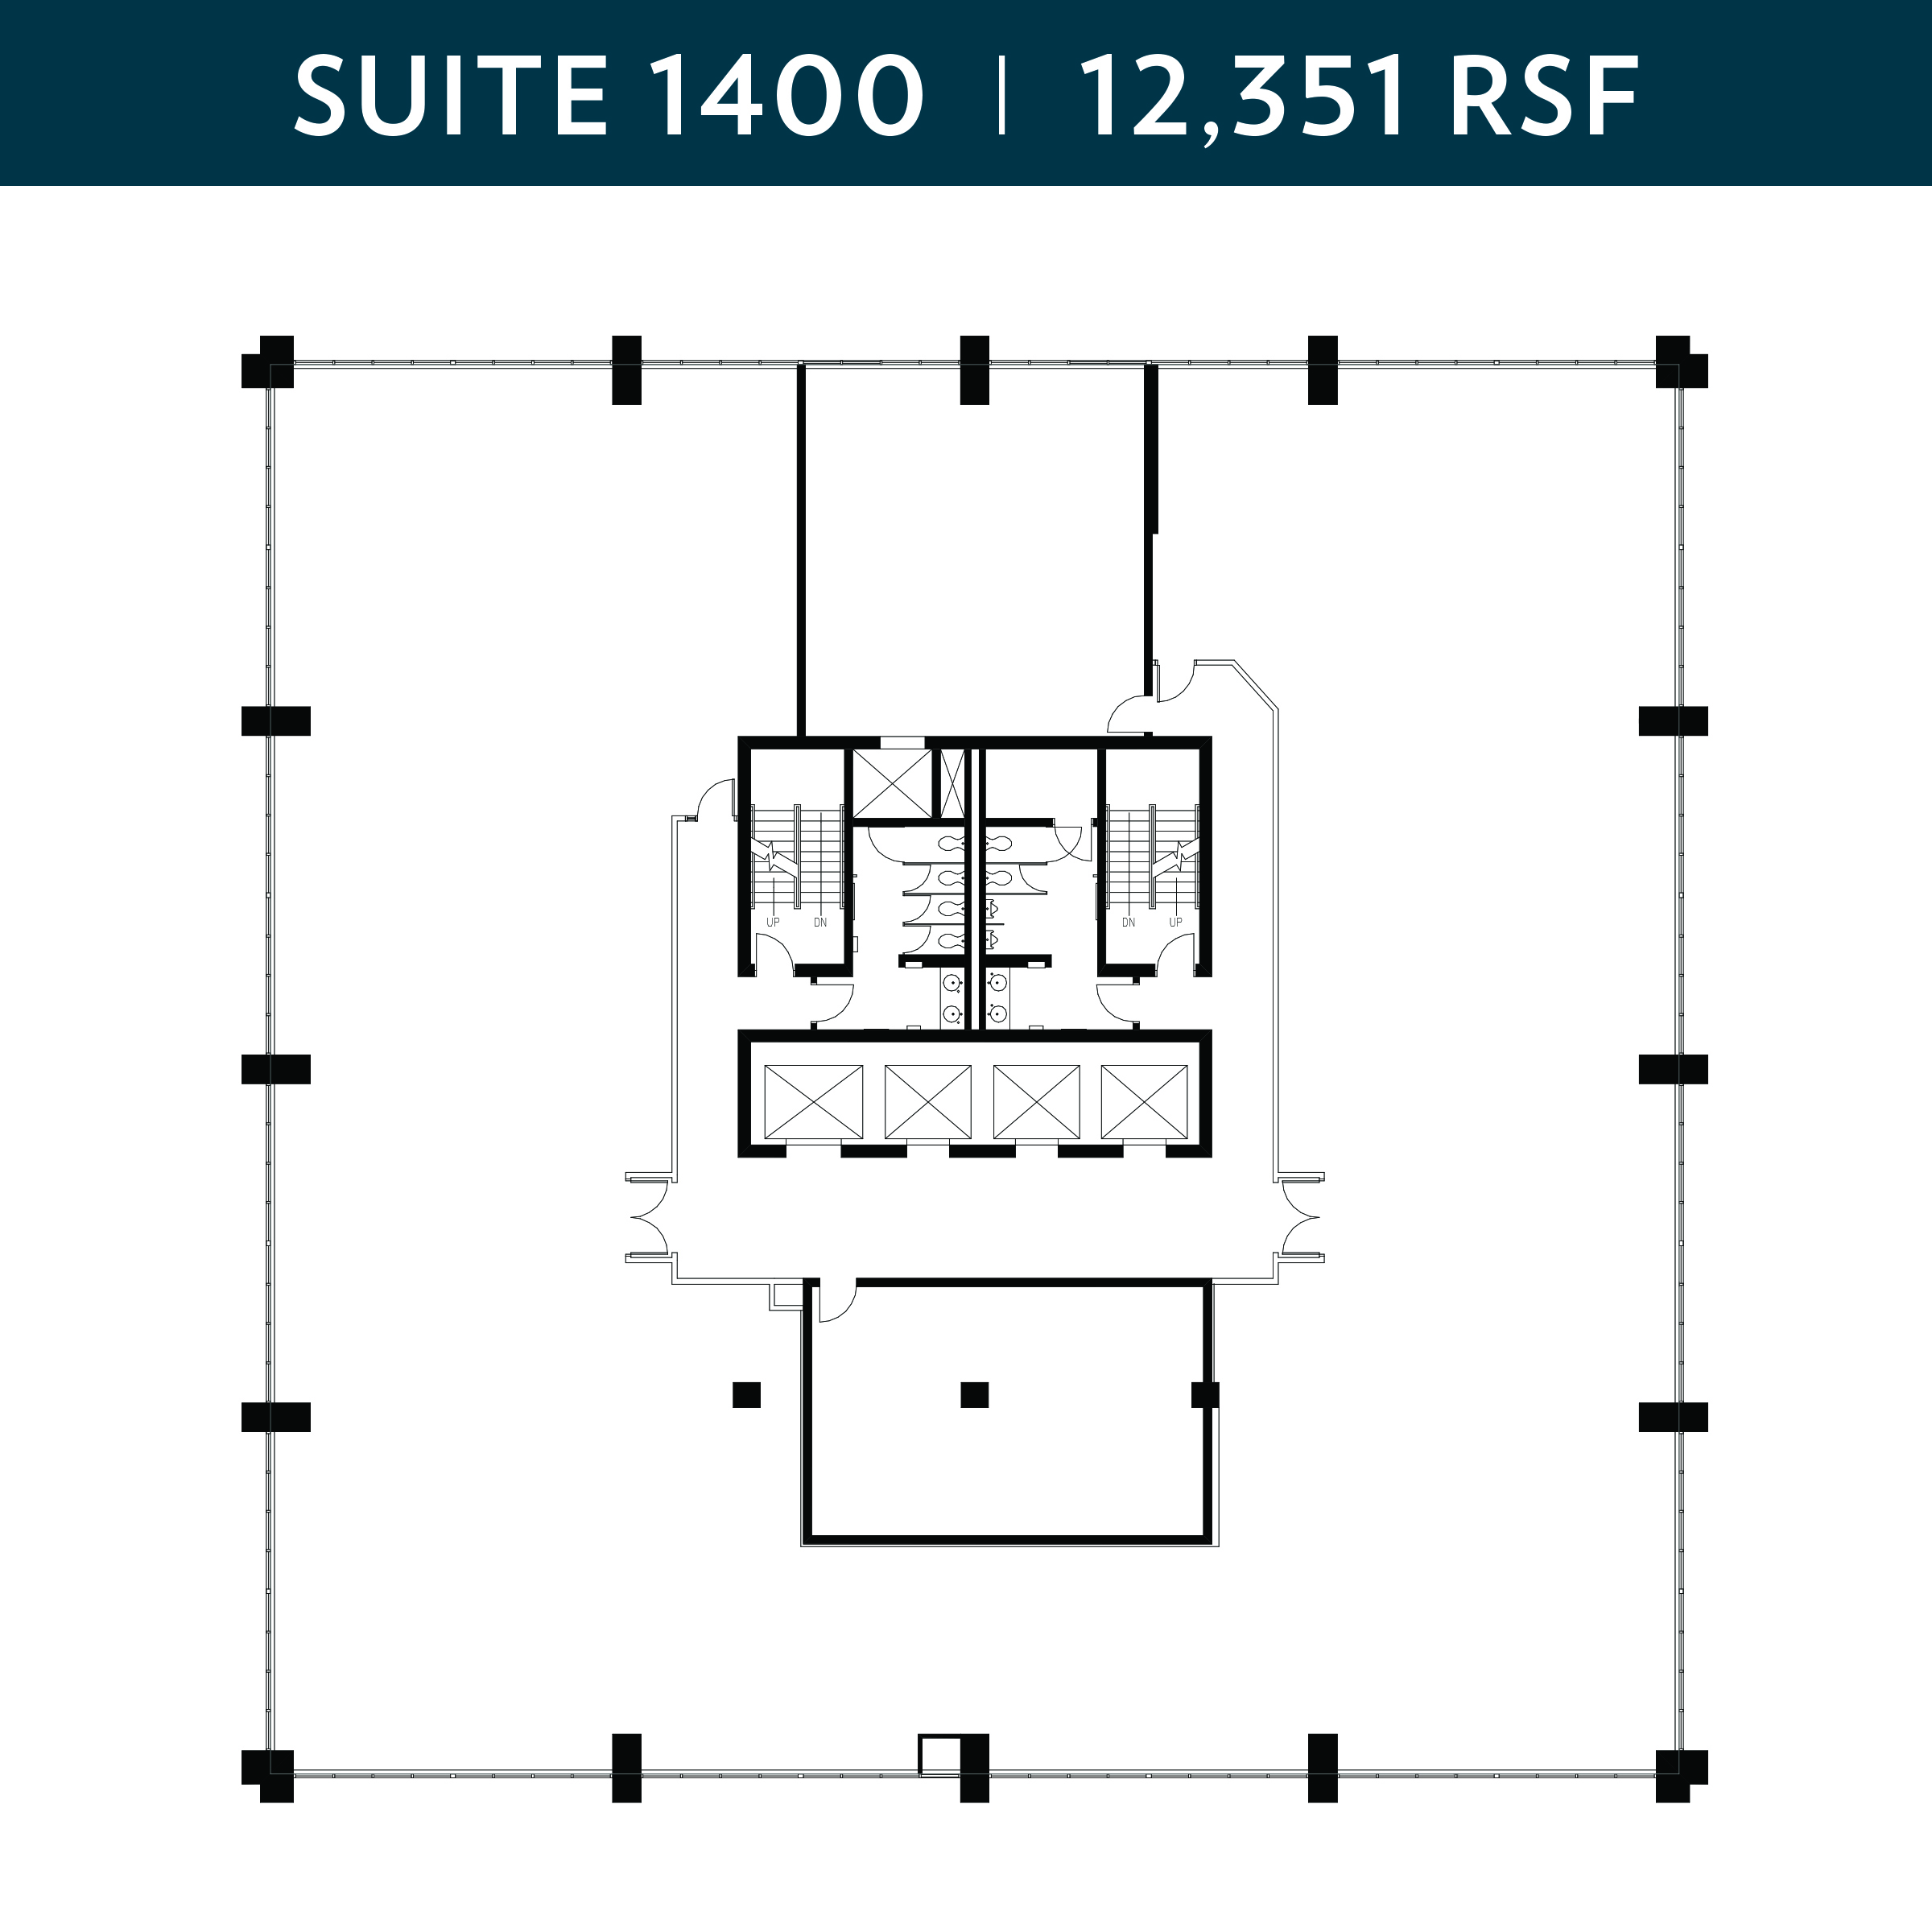 Suite 1400